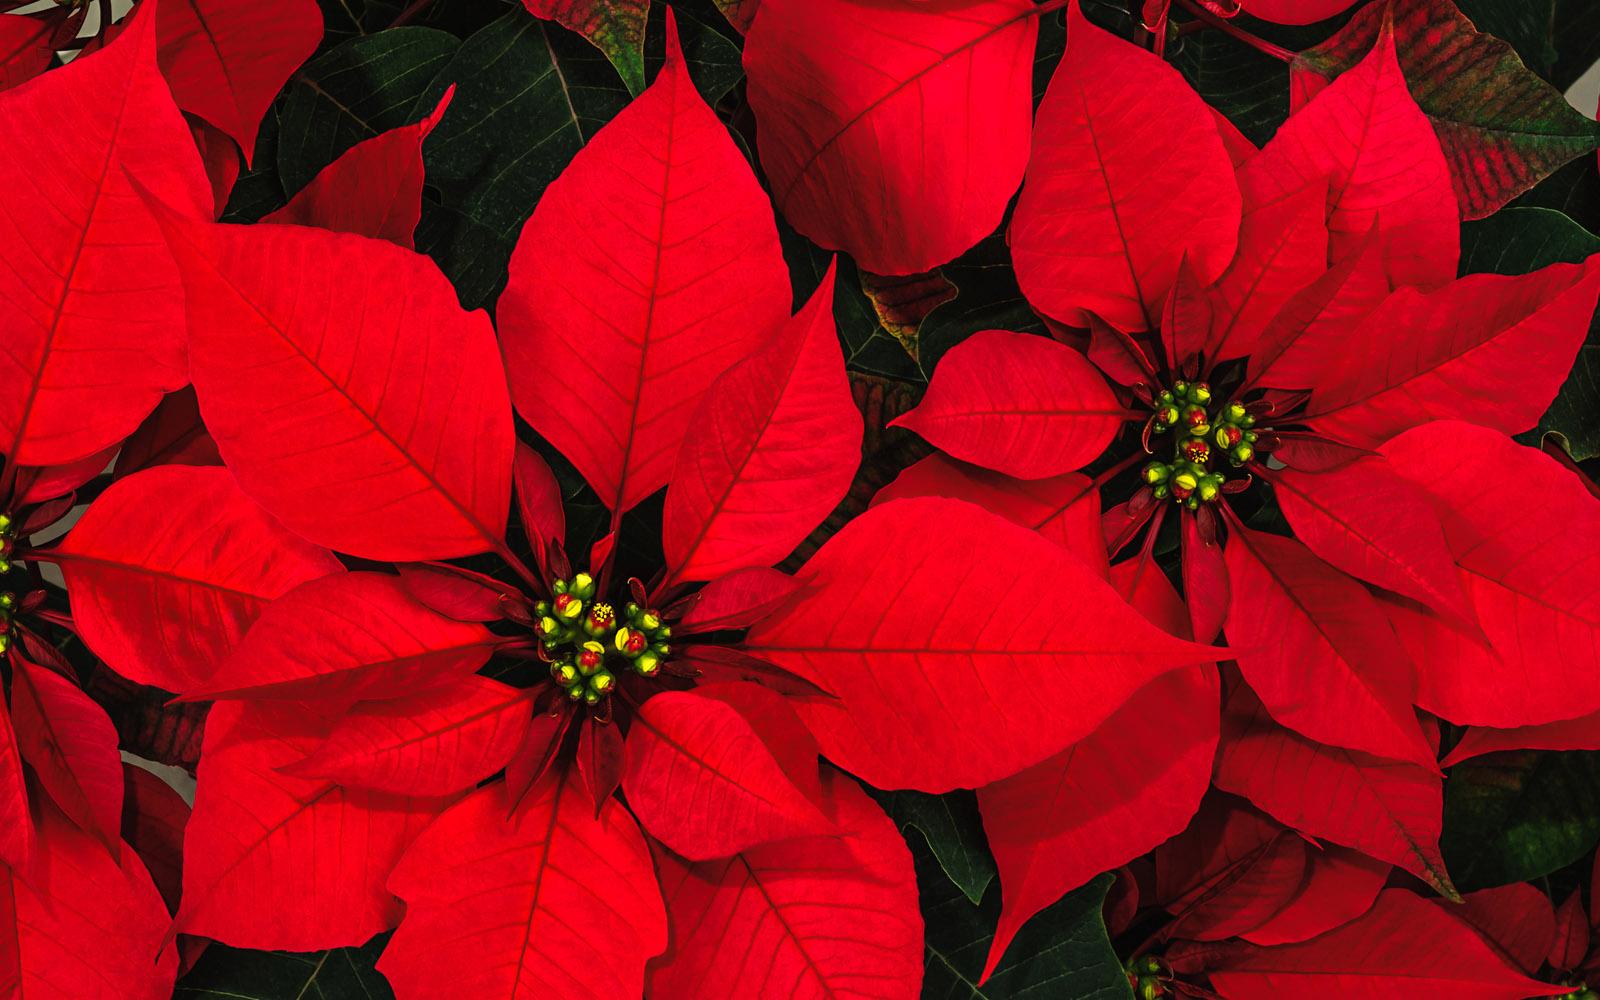 Altro Nome Della Stella Di Natale.Stella Di Natale La Pianta Delle Feste Oltreilbalcone